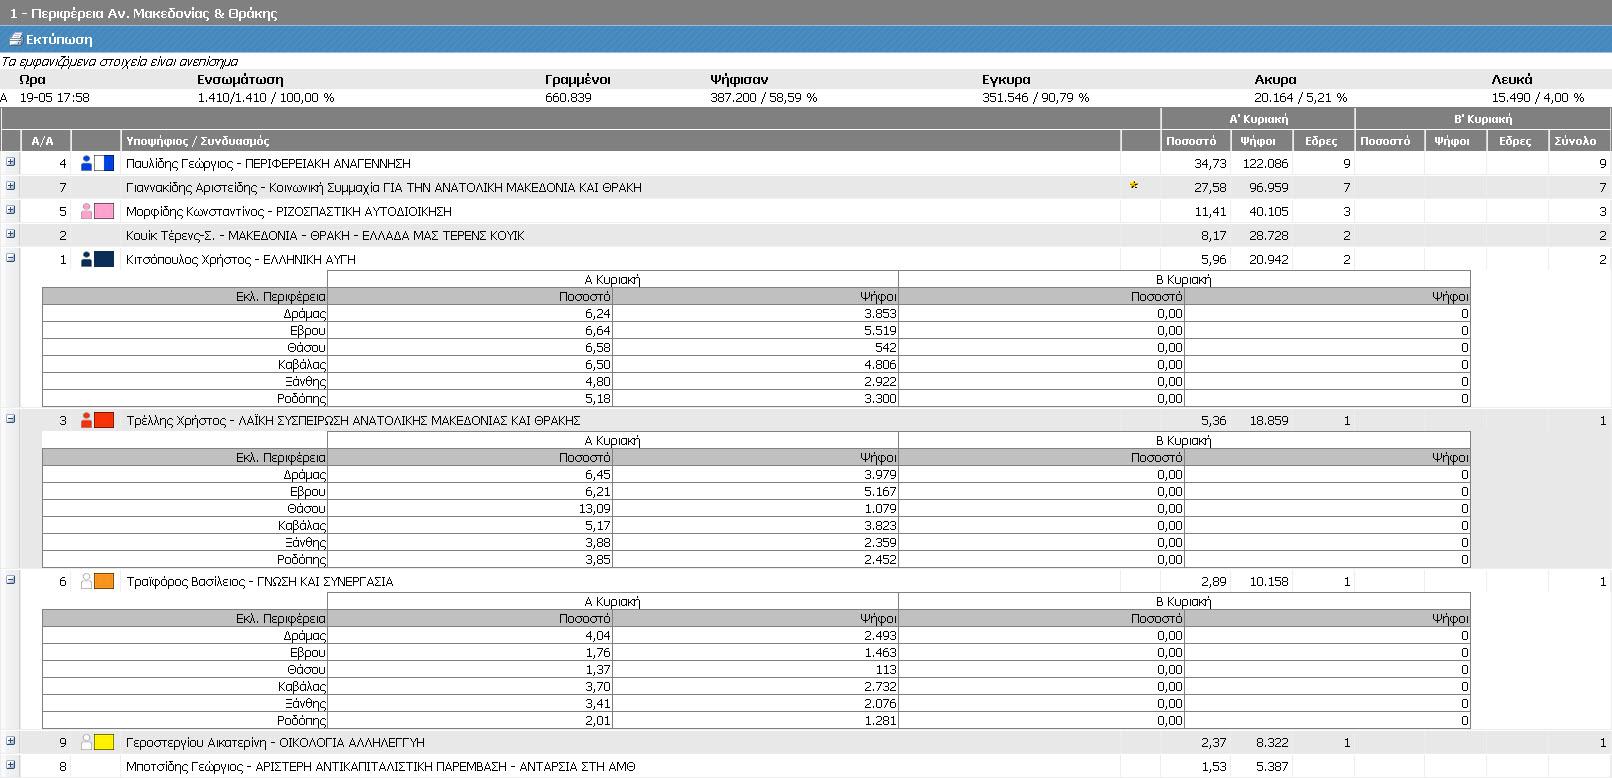 Αποτελέσματα Περιφέρειας Ανατολικής Μακεδονίας-Θράκης - Μέρος 2ο (Τελικά ΥΠΕΣ, Α' Κυριακή 18/5/2014 - αποτελέσματα 19/5/2014 17:58)